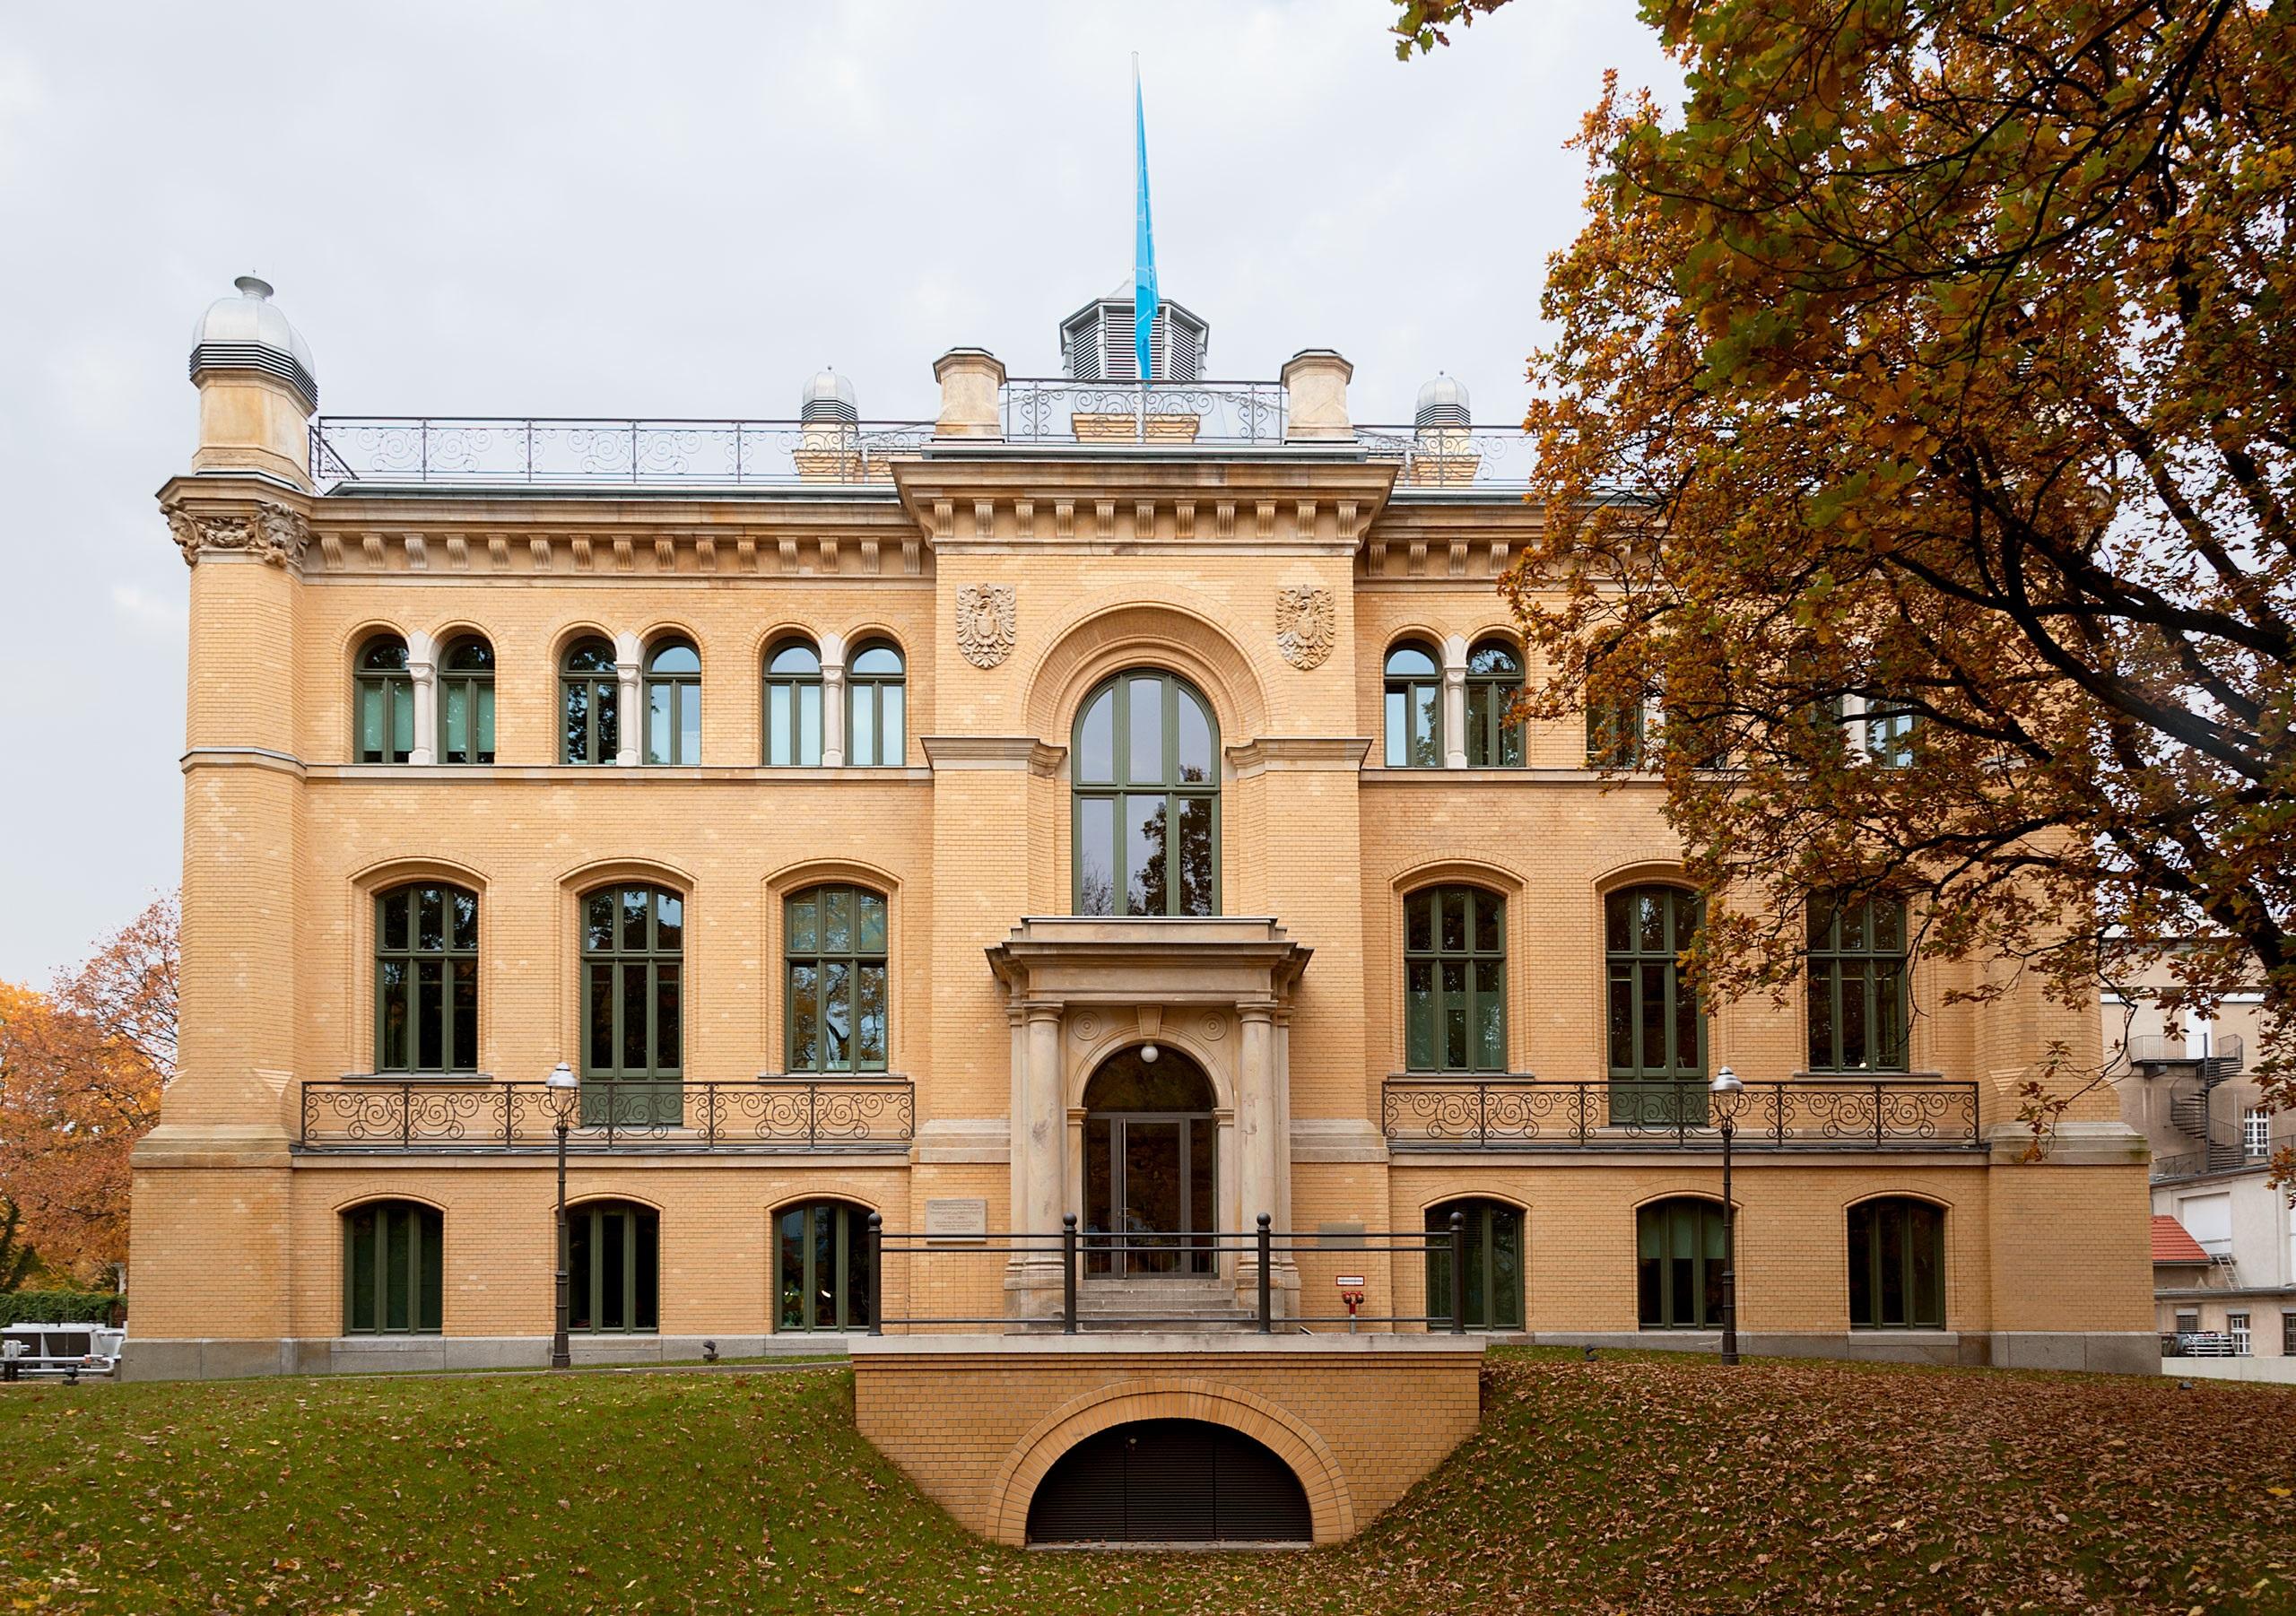 Gebäudeansicht der Physikalisch-Technischen Bundesanstalt in Berlin